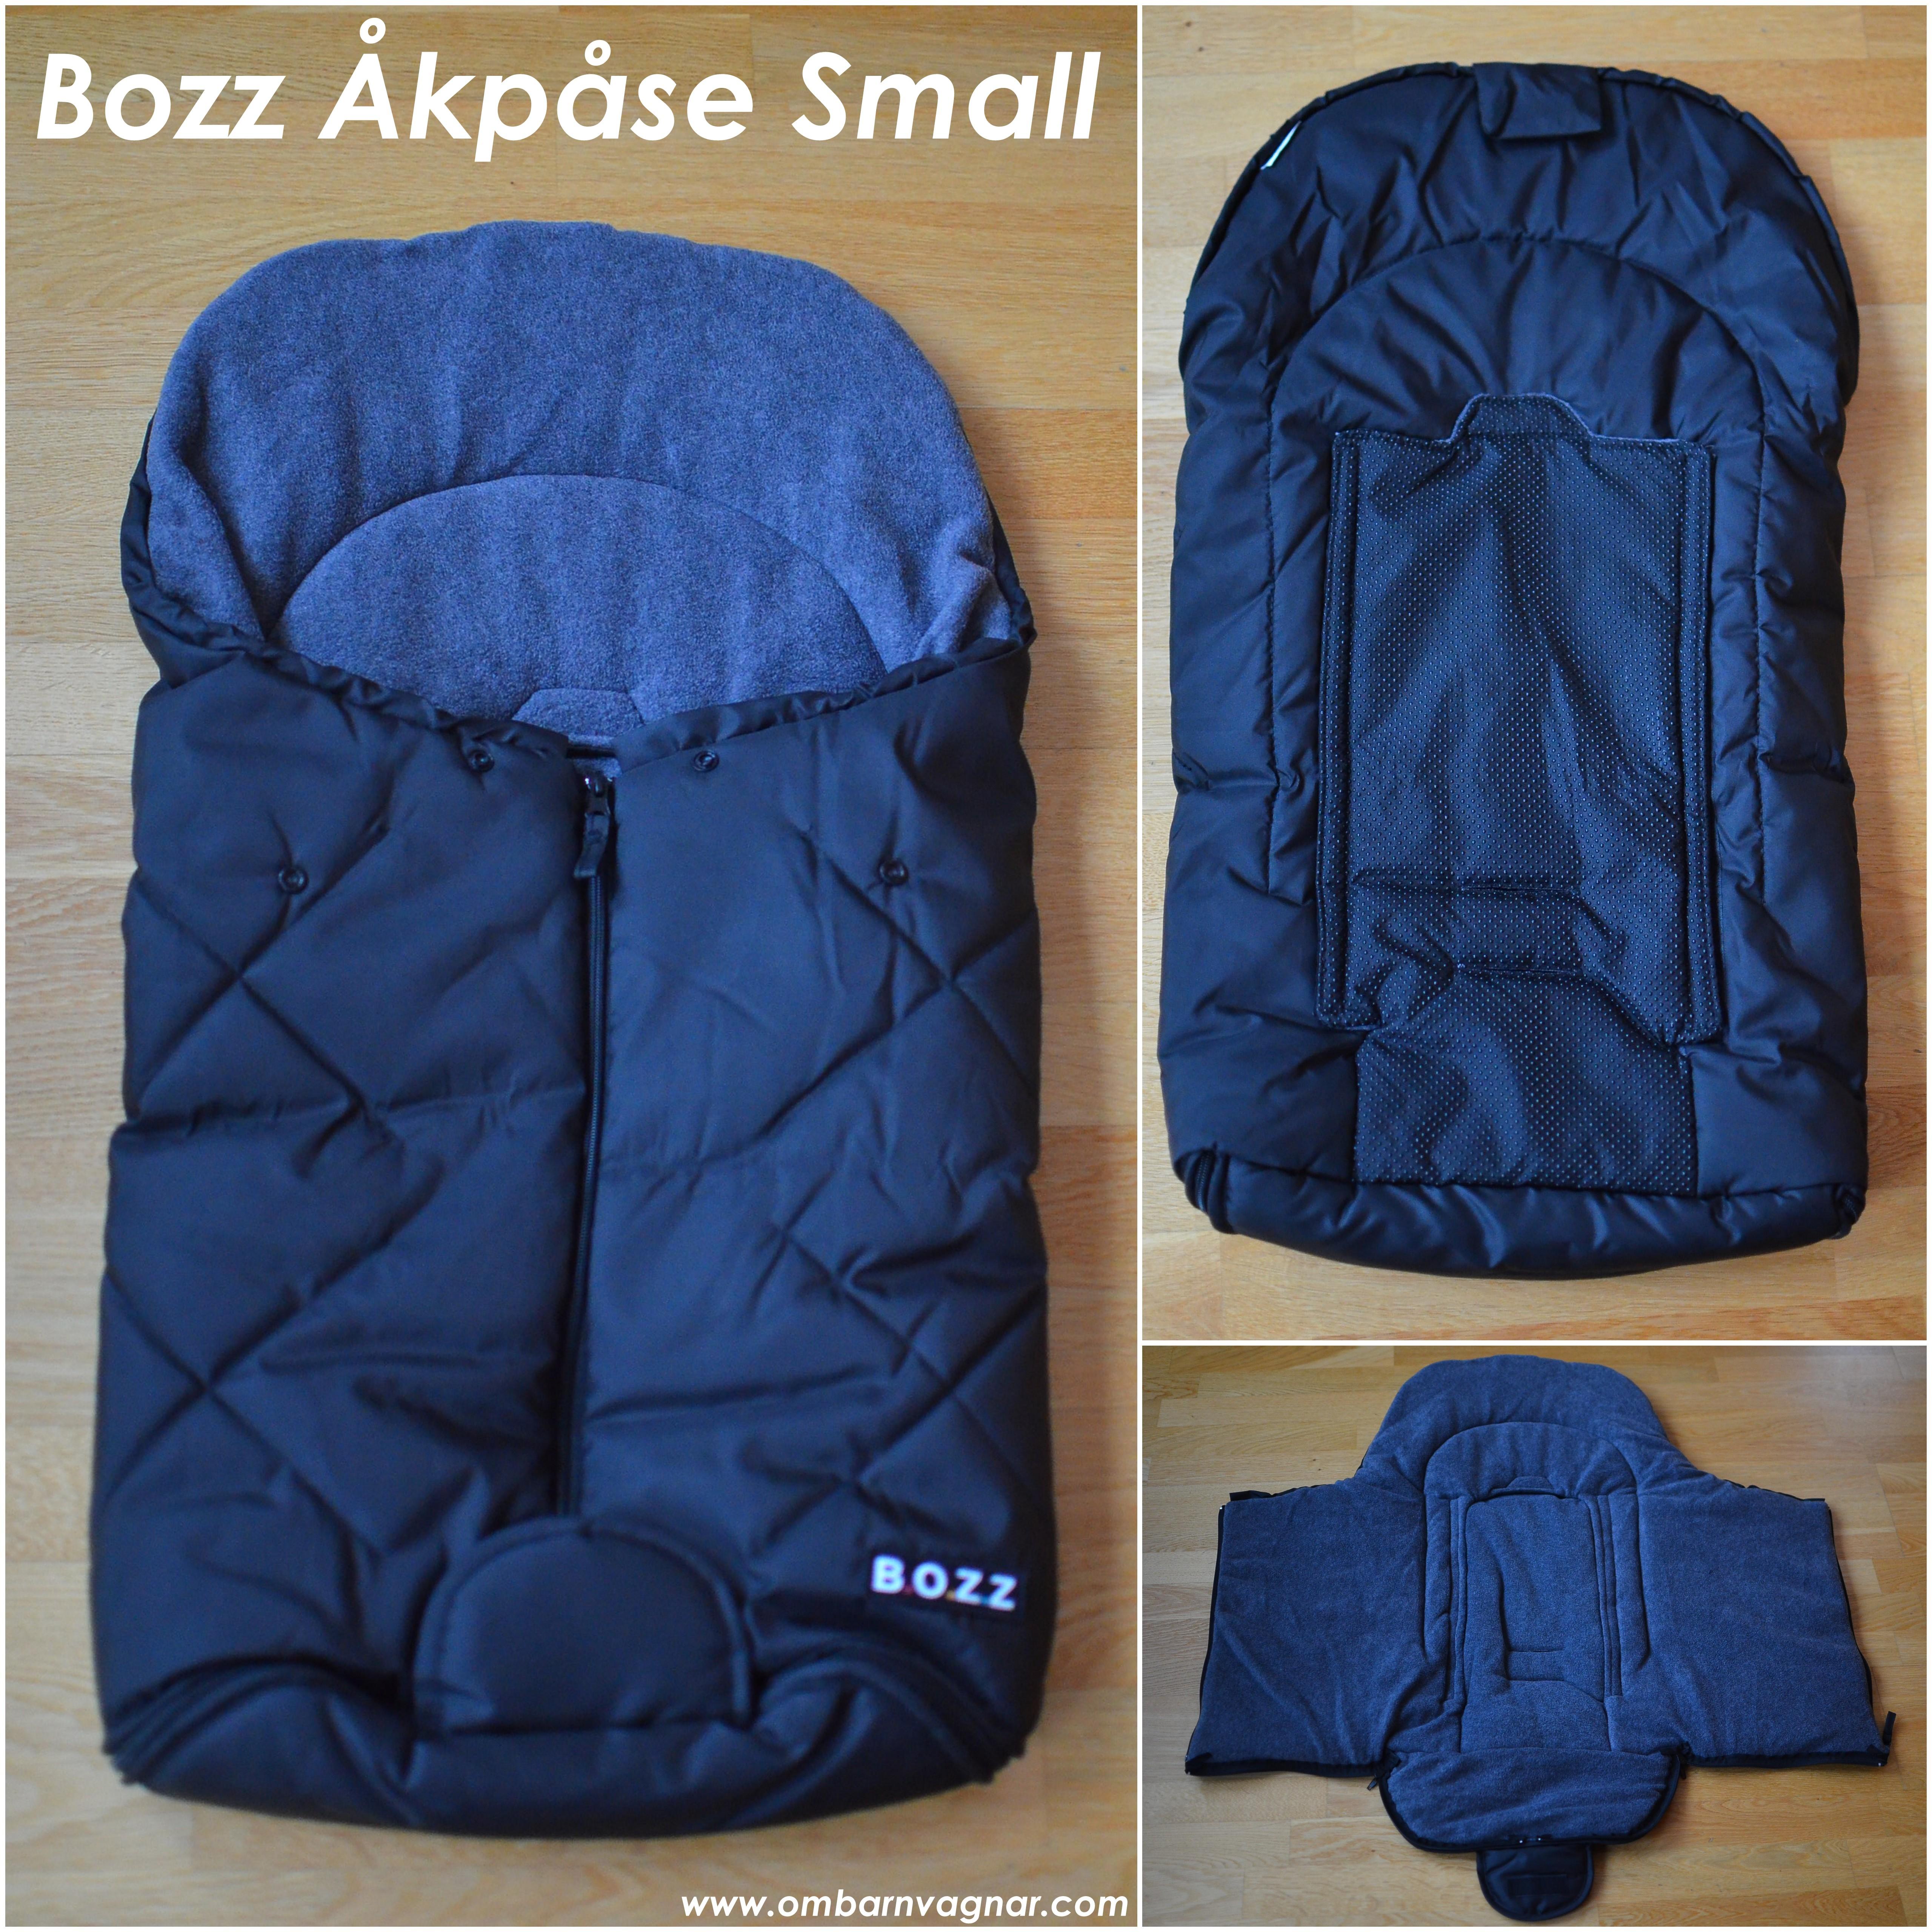 Recension av Bozz miniåkpåse